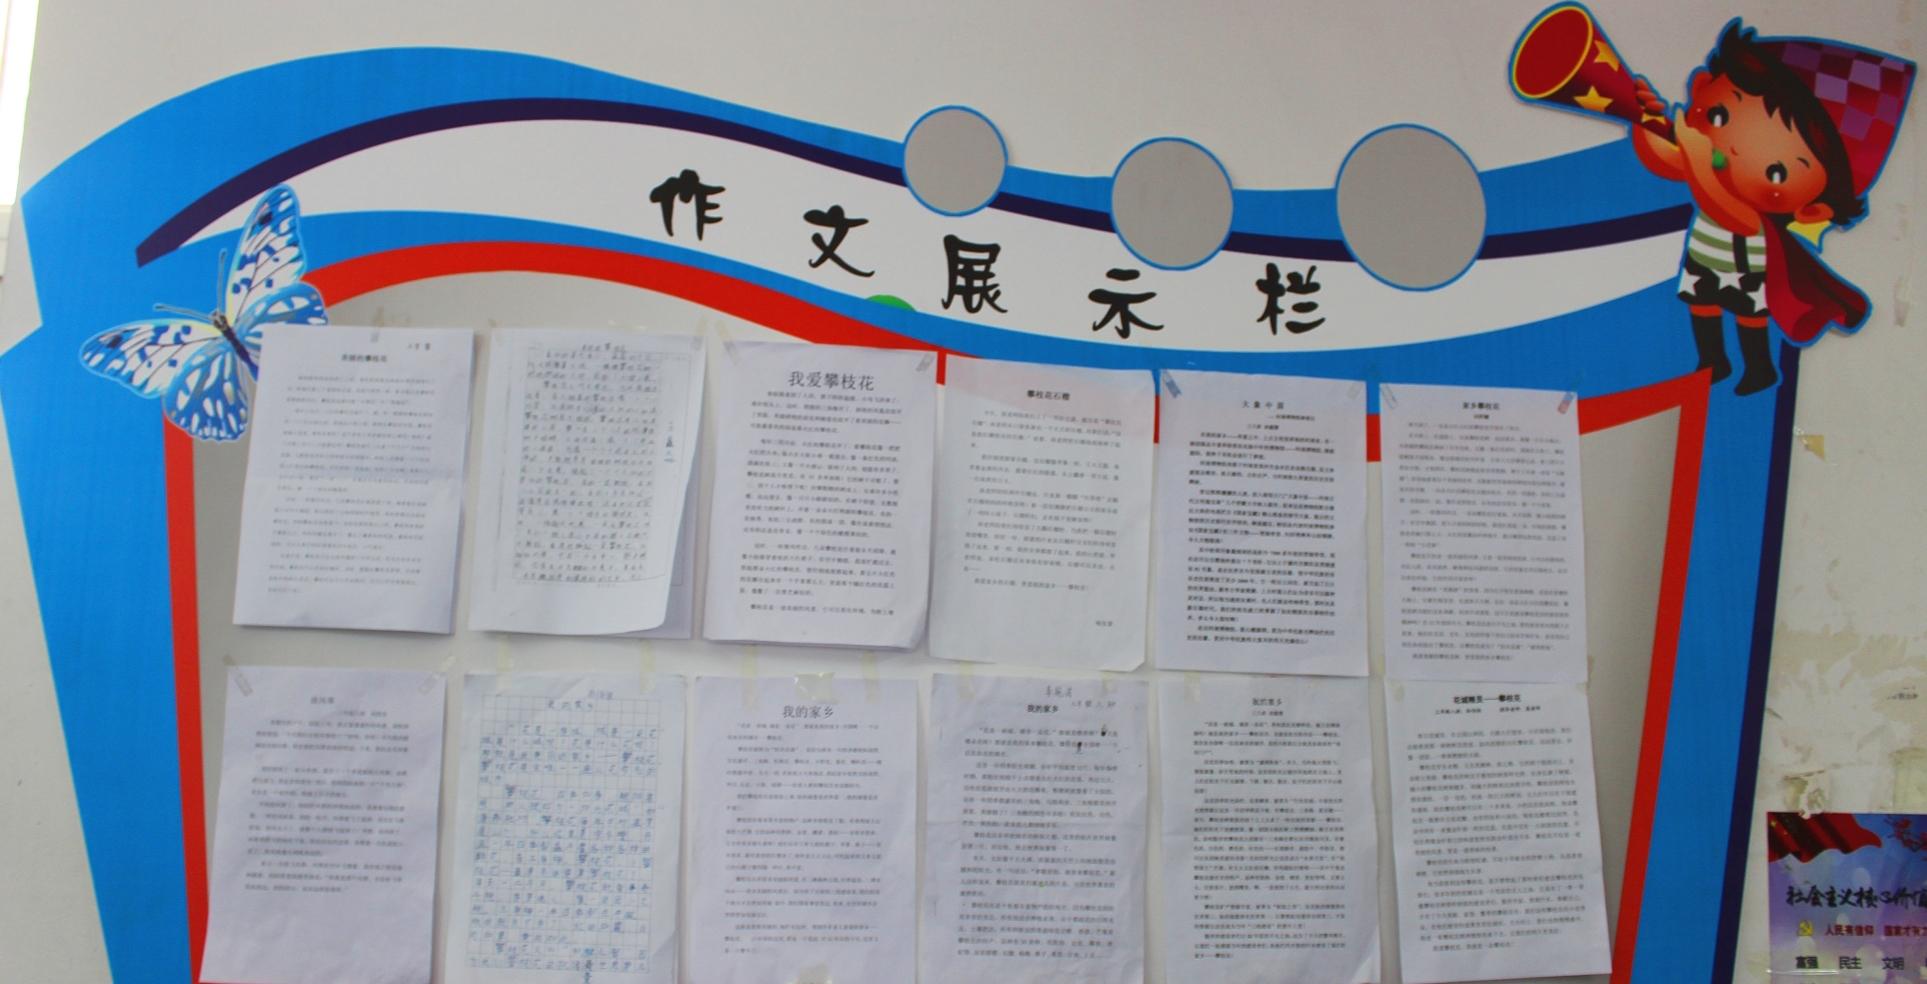 作文展示栏_看图王.jpg